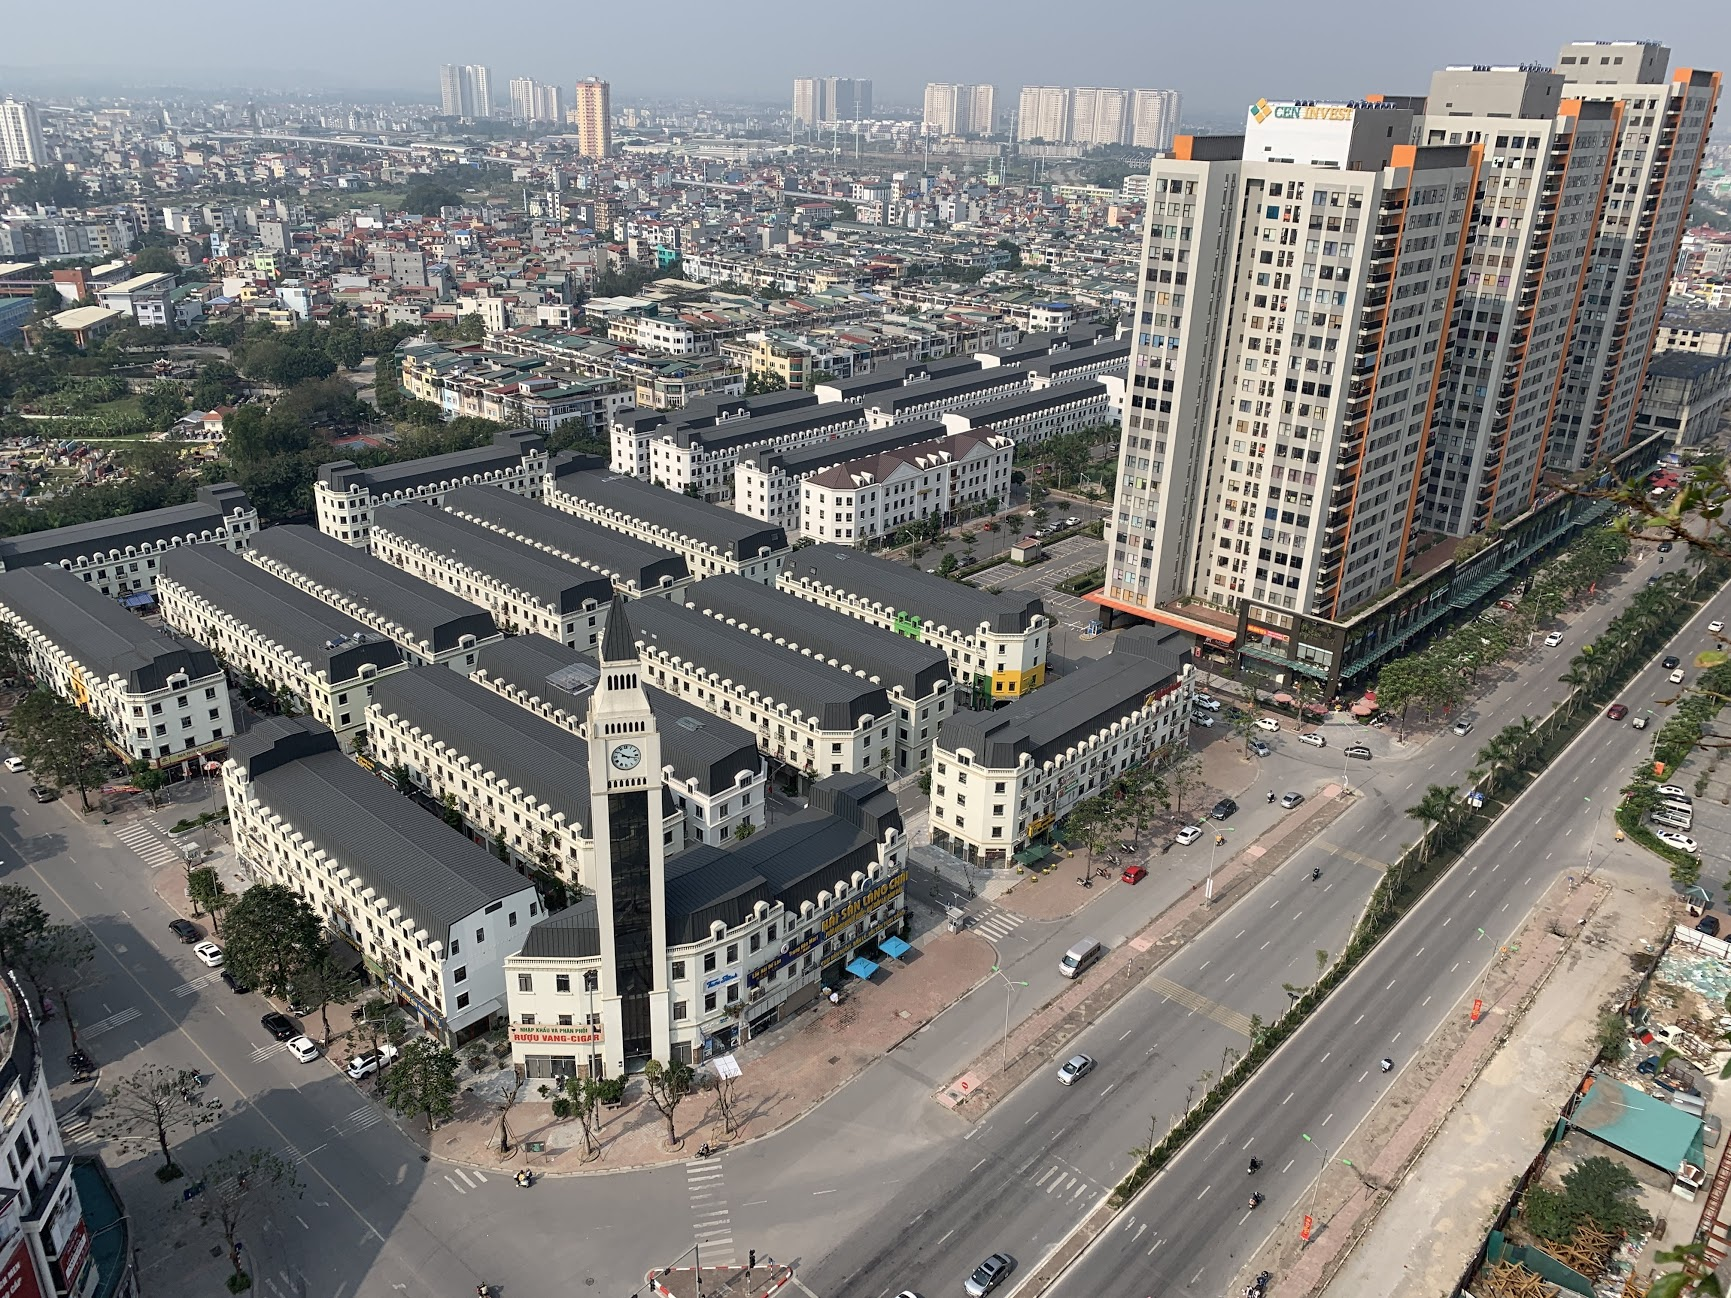 Bán Liền kề Văn Phú mặt đường 12m, nhà hướng Tây - Bắc, Khu đô thị Văn Phú